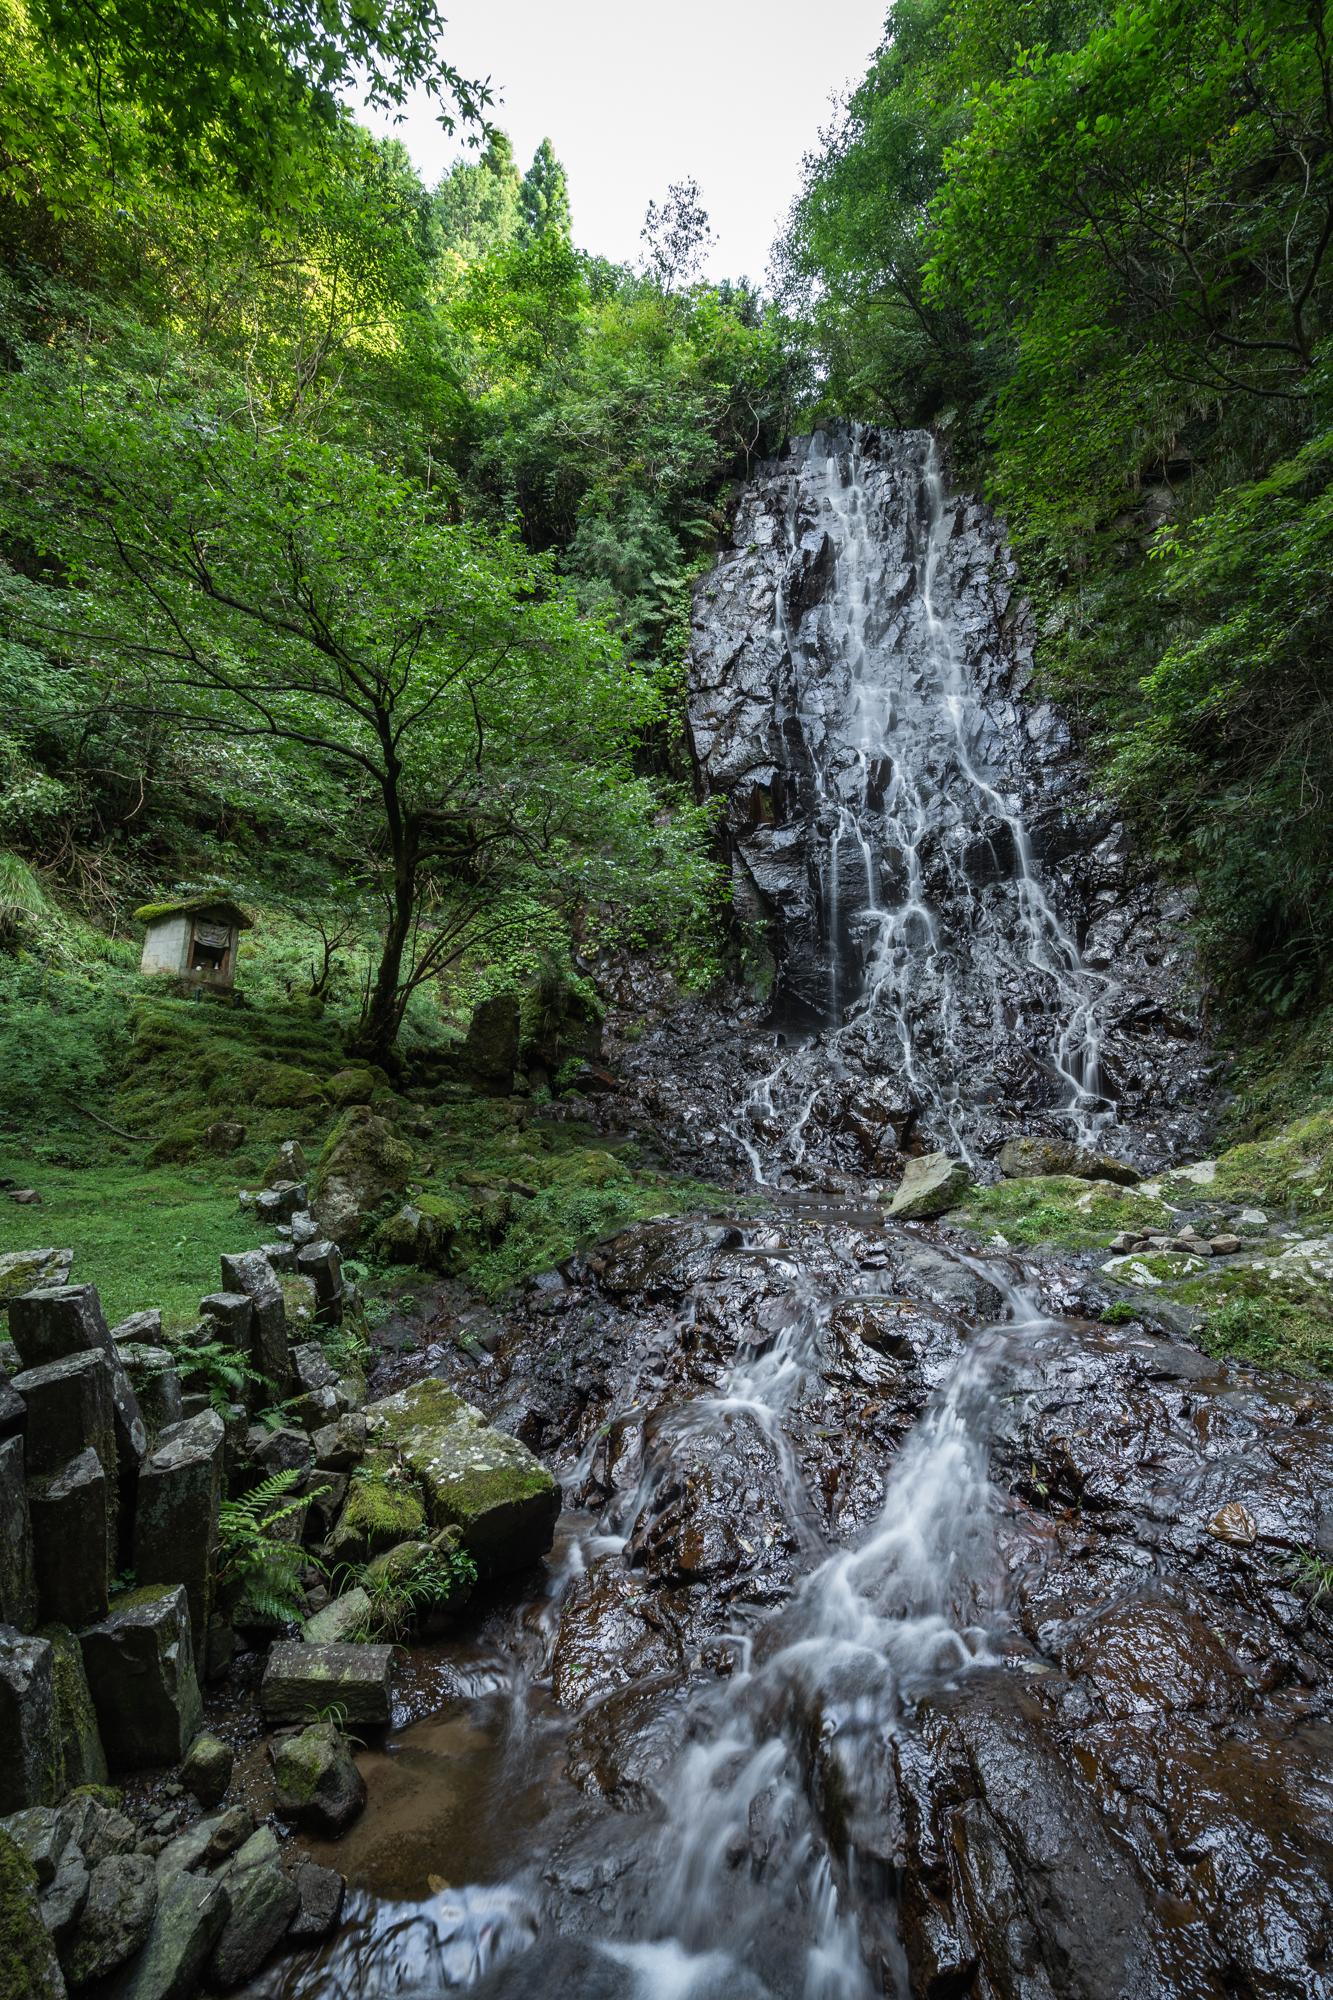 DSC01605 京都府    霧降りの滝 ( 京都の丹後半島観光におすすめ! 滝が観れる撮影スポット! アクセス・駐車場情報や撮影ポイントなど!!)